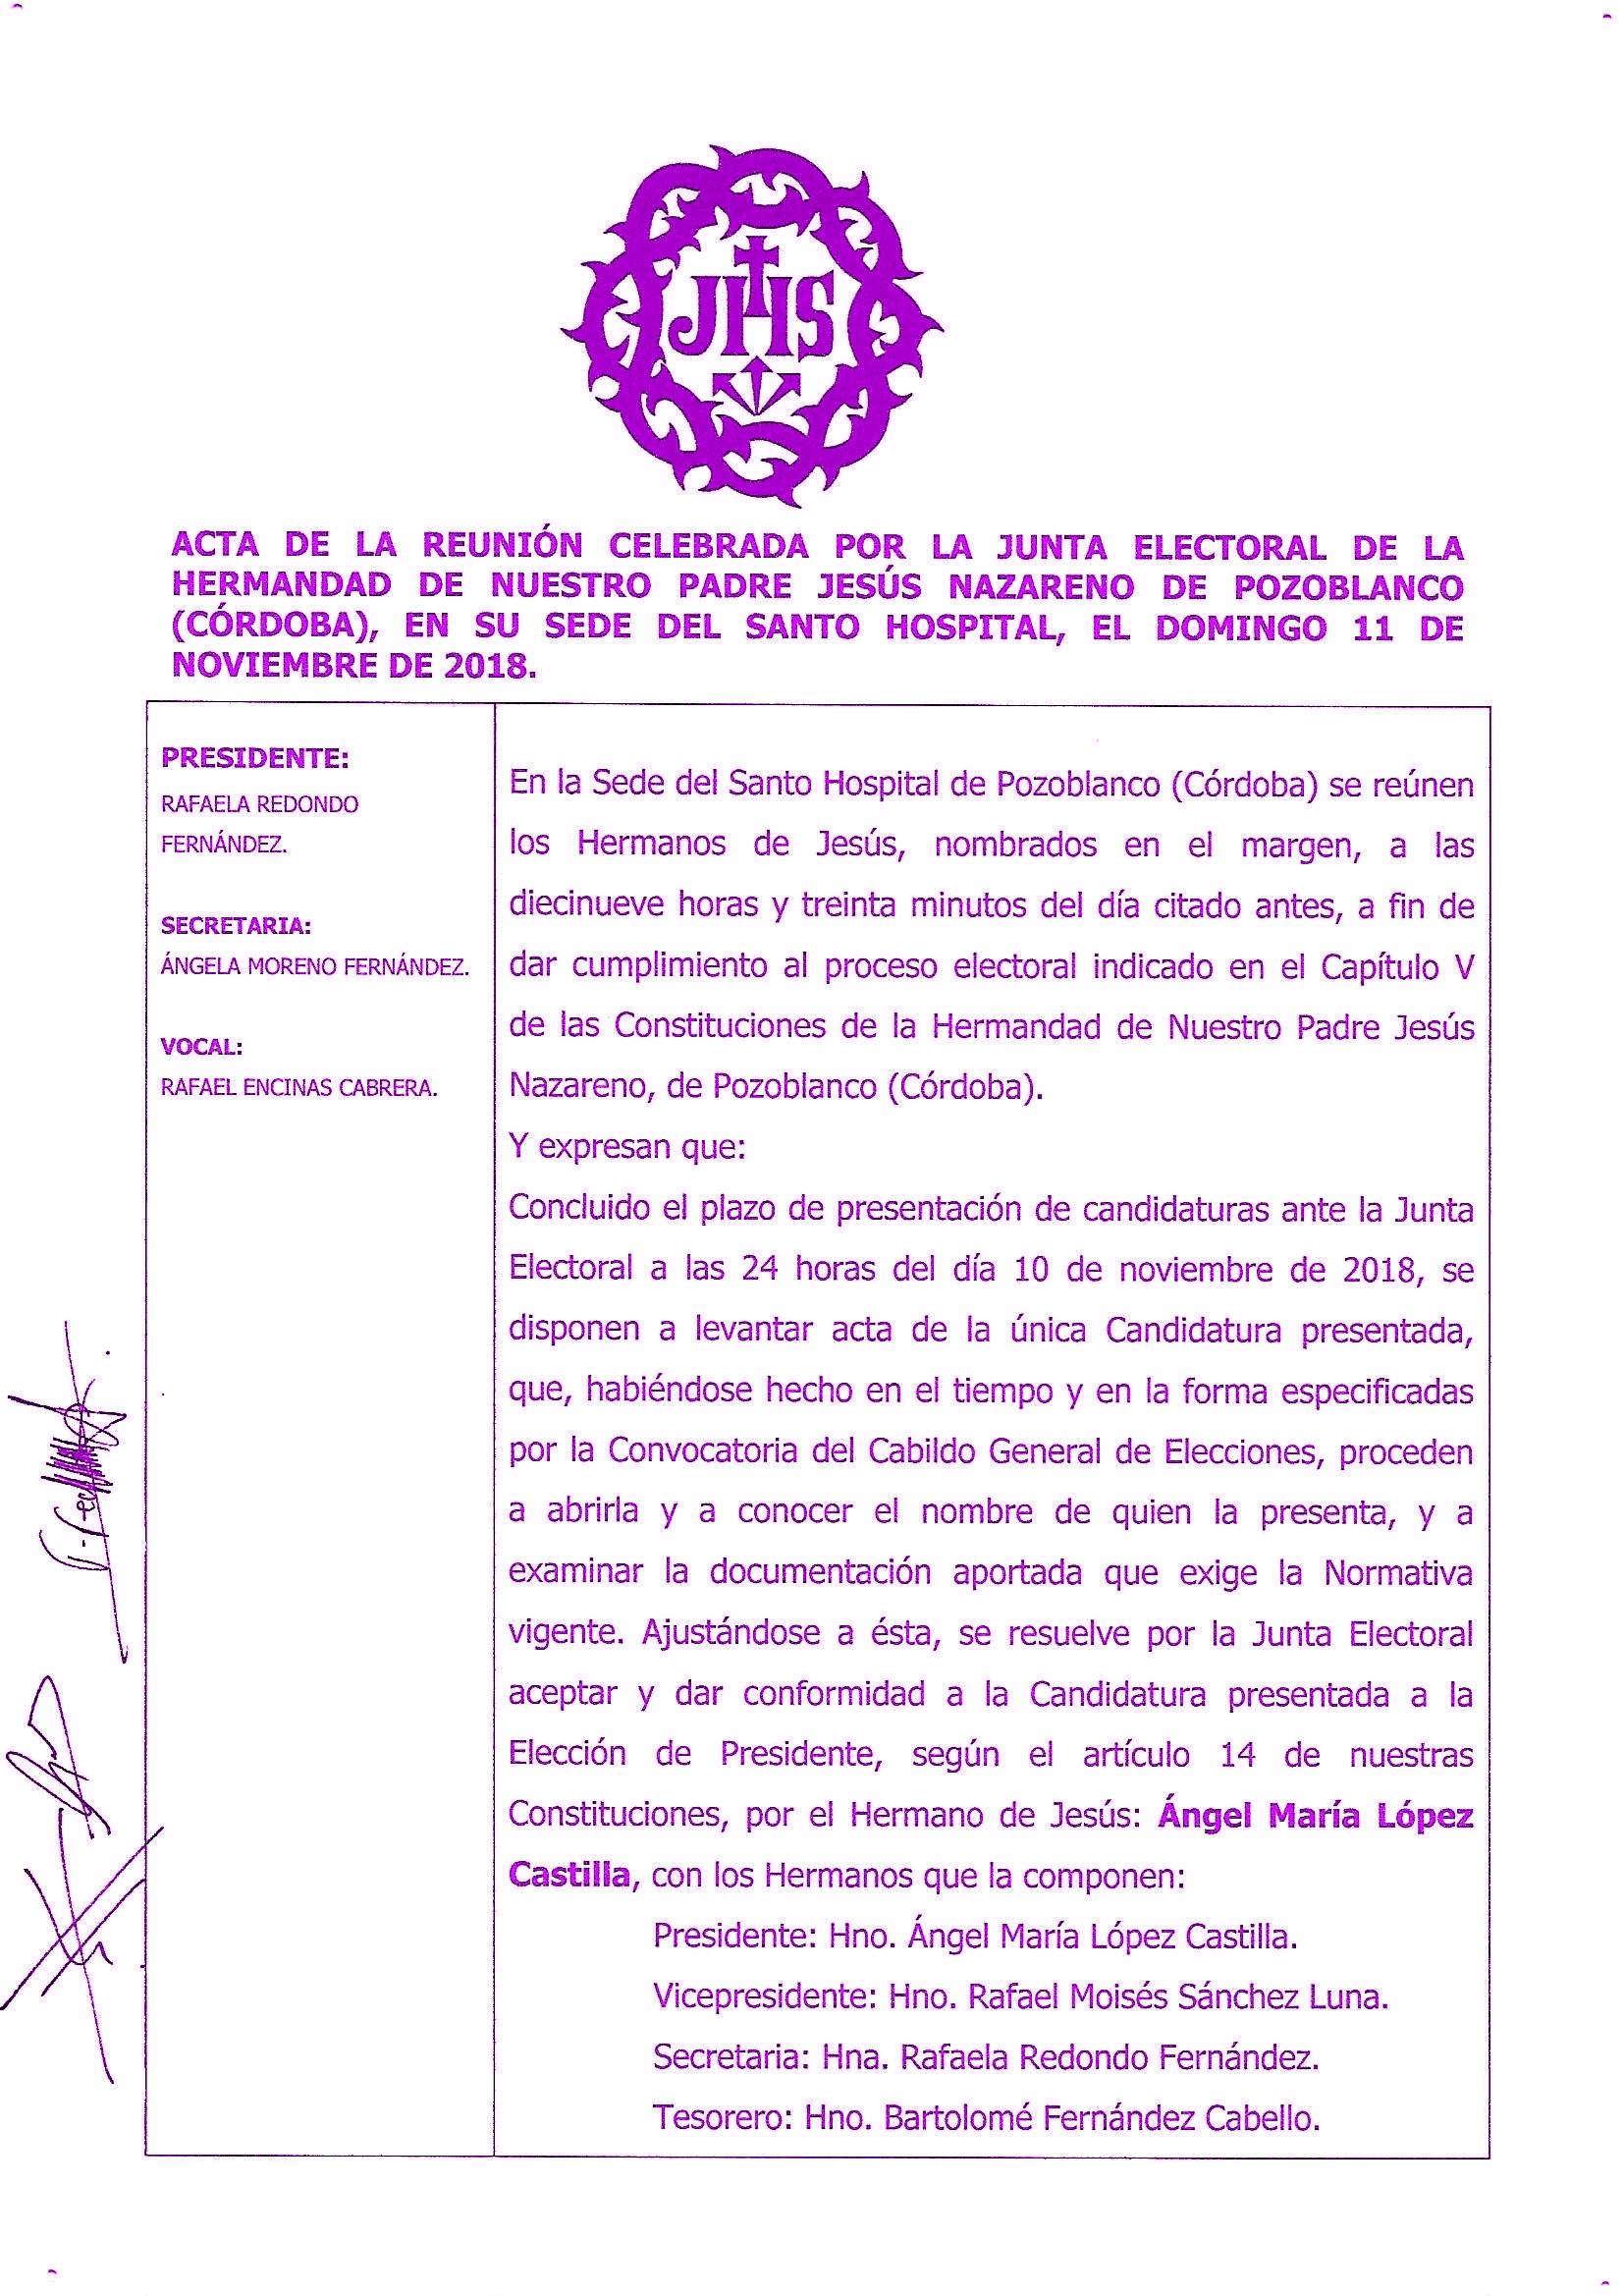 Acta Junta Electoral de la Admisión de la Candidatura 2018 de la Hdad. de Jesús Nazareno